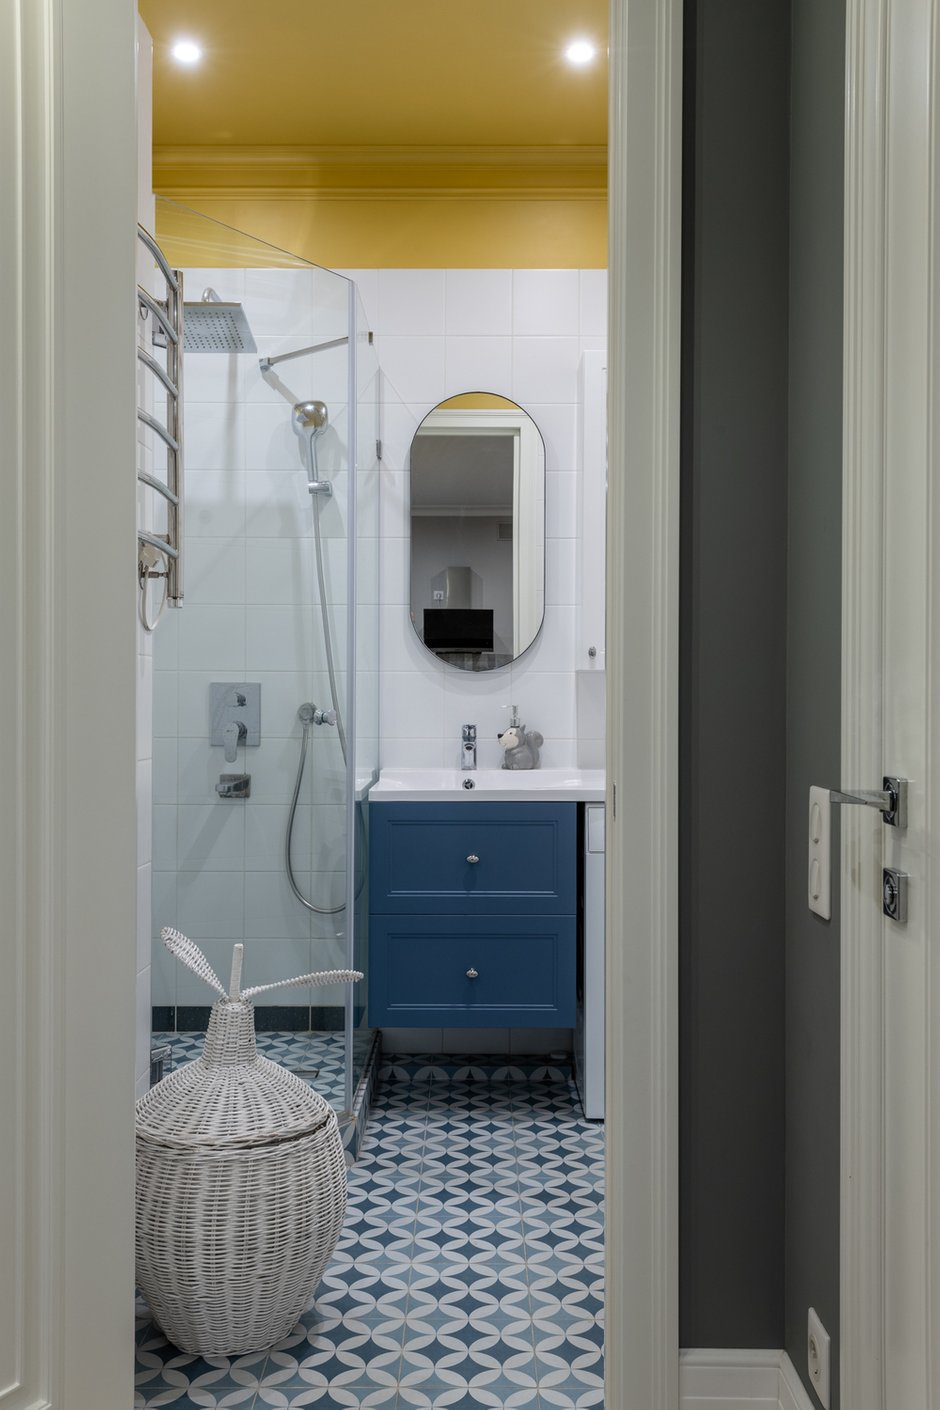 Желтый потолок стал украшением и фишкой гостевого санузла. Хорошее настроение гарантировано.